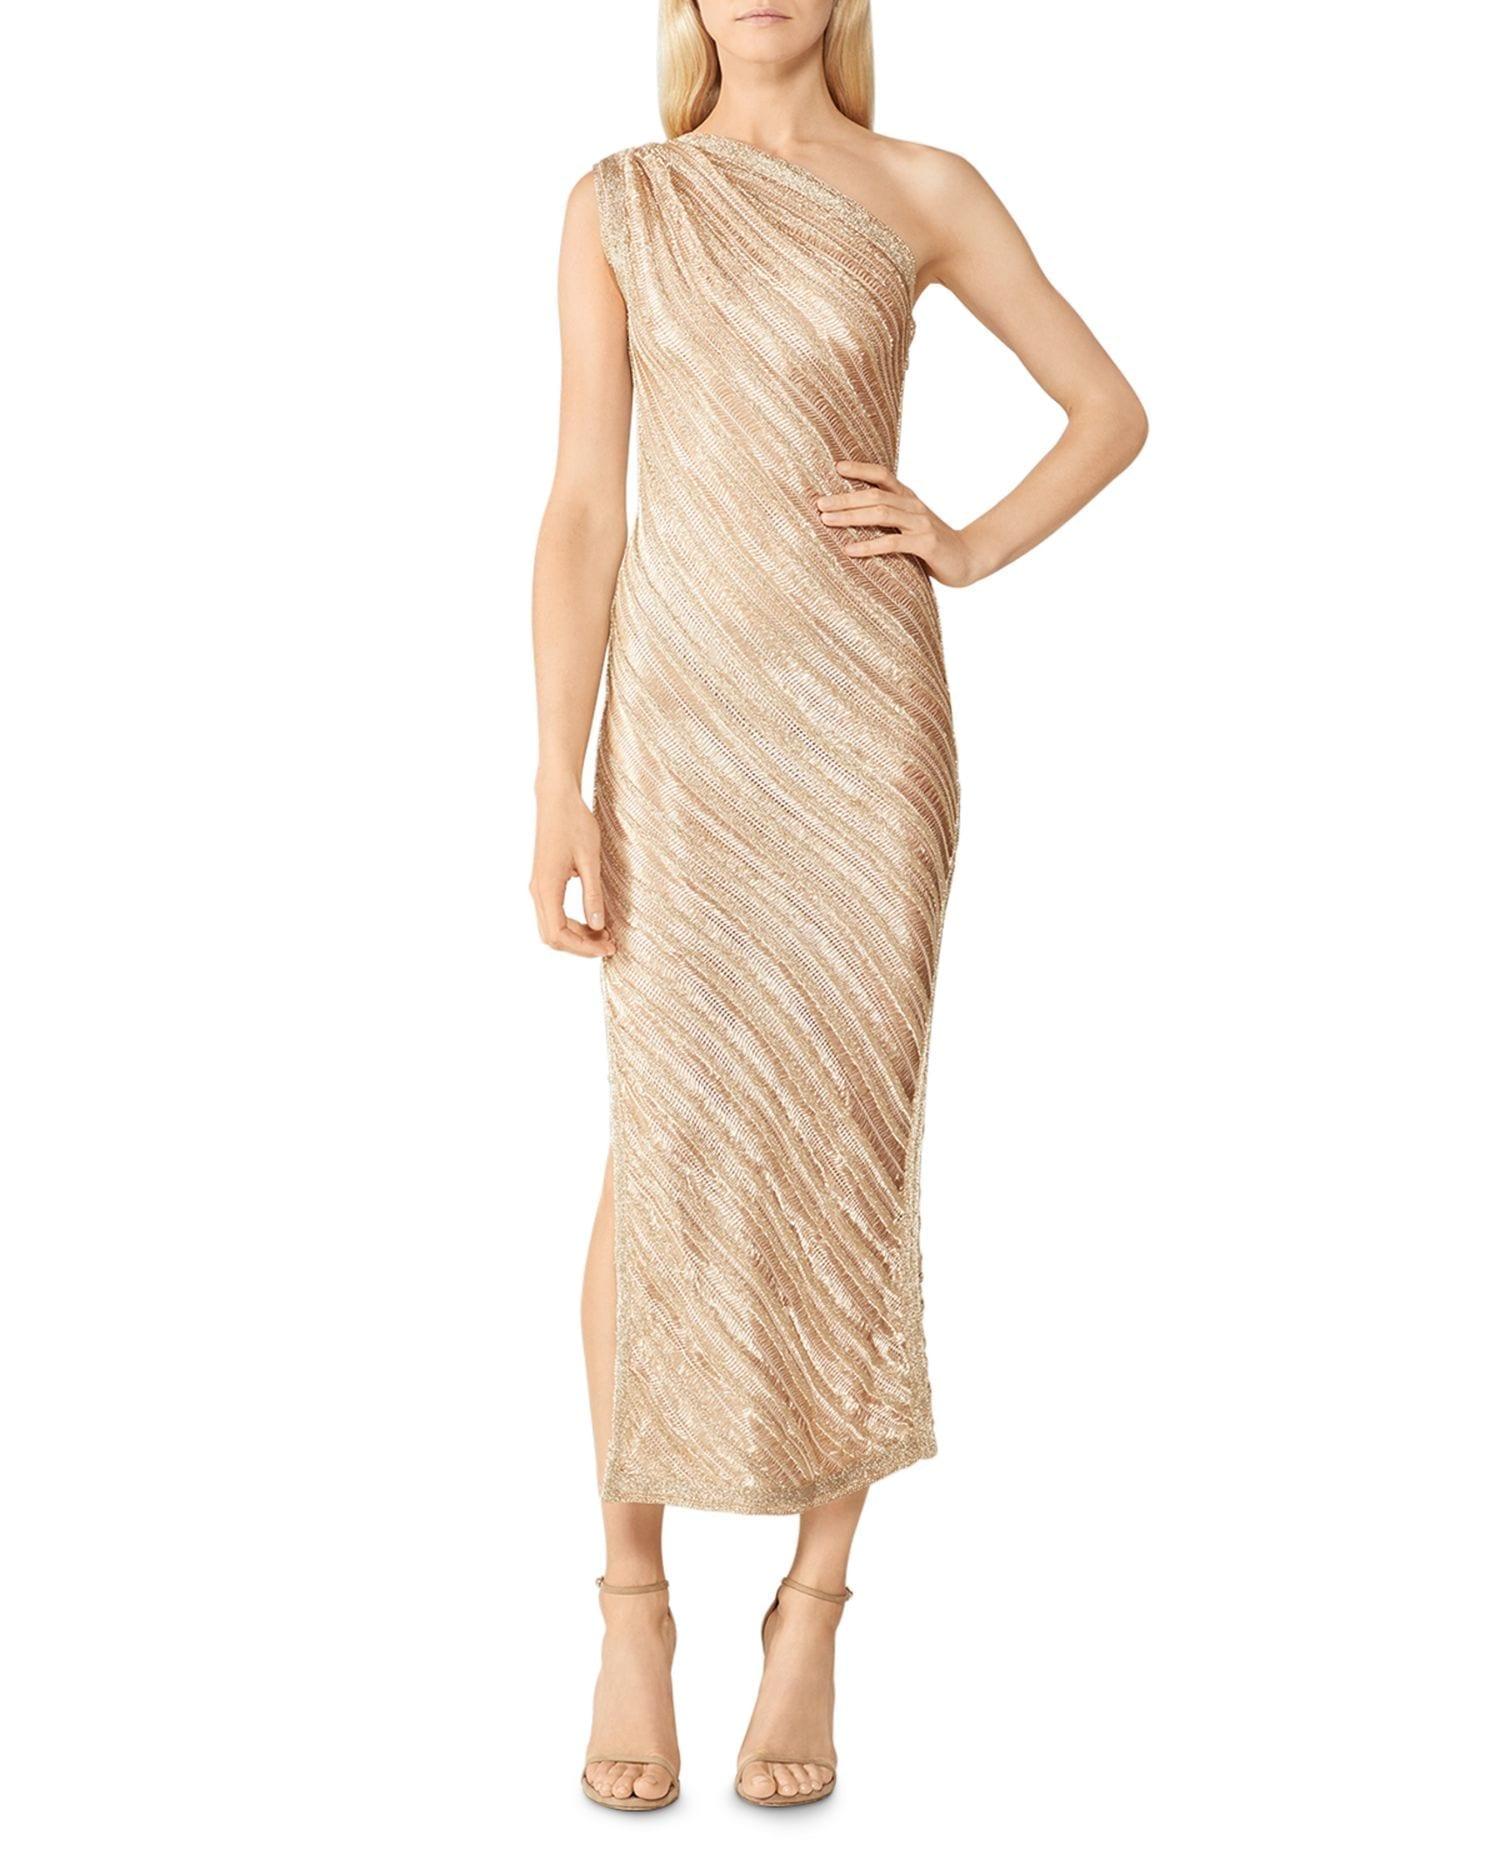 HERVÉ LÉGER One Shoulder Metallic Gown